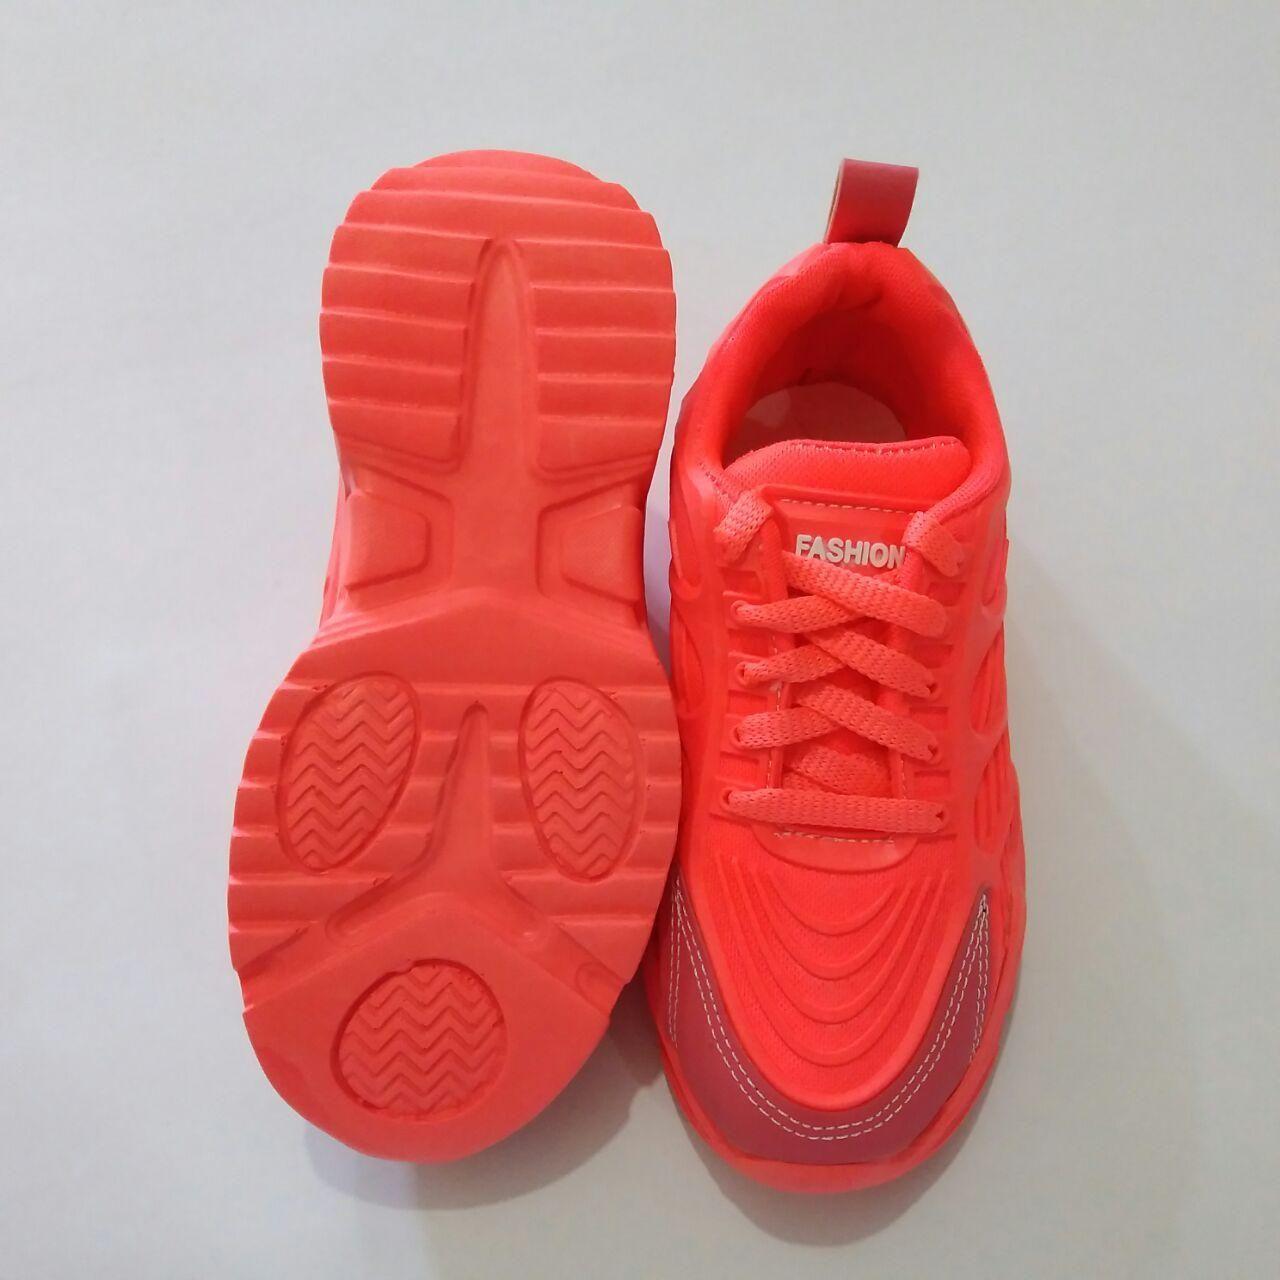 کفش پیاده روی دخترانه کد 3001 -  - 7